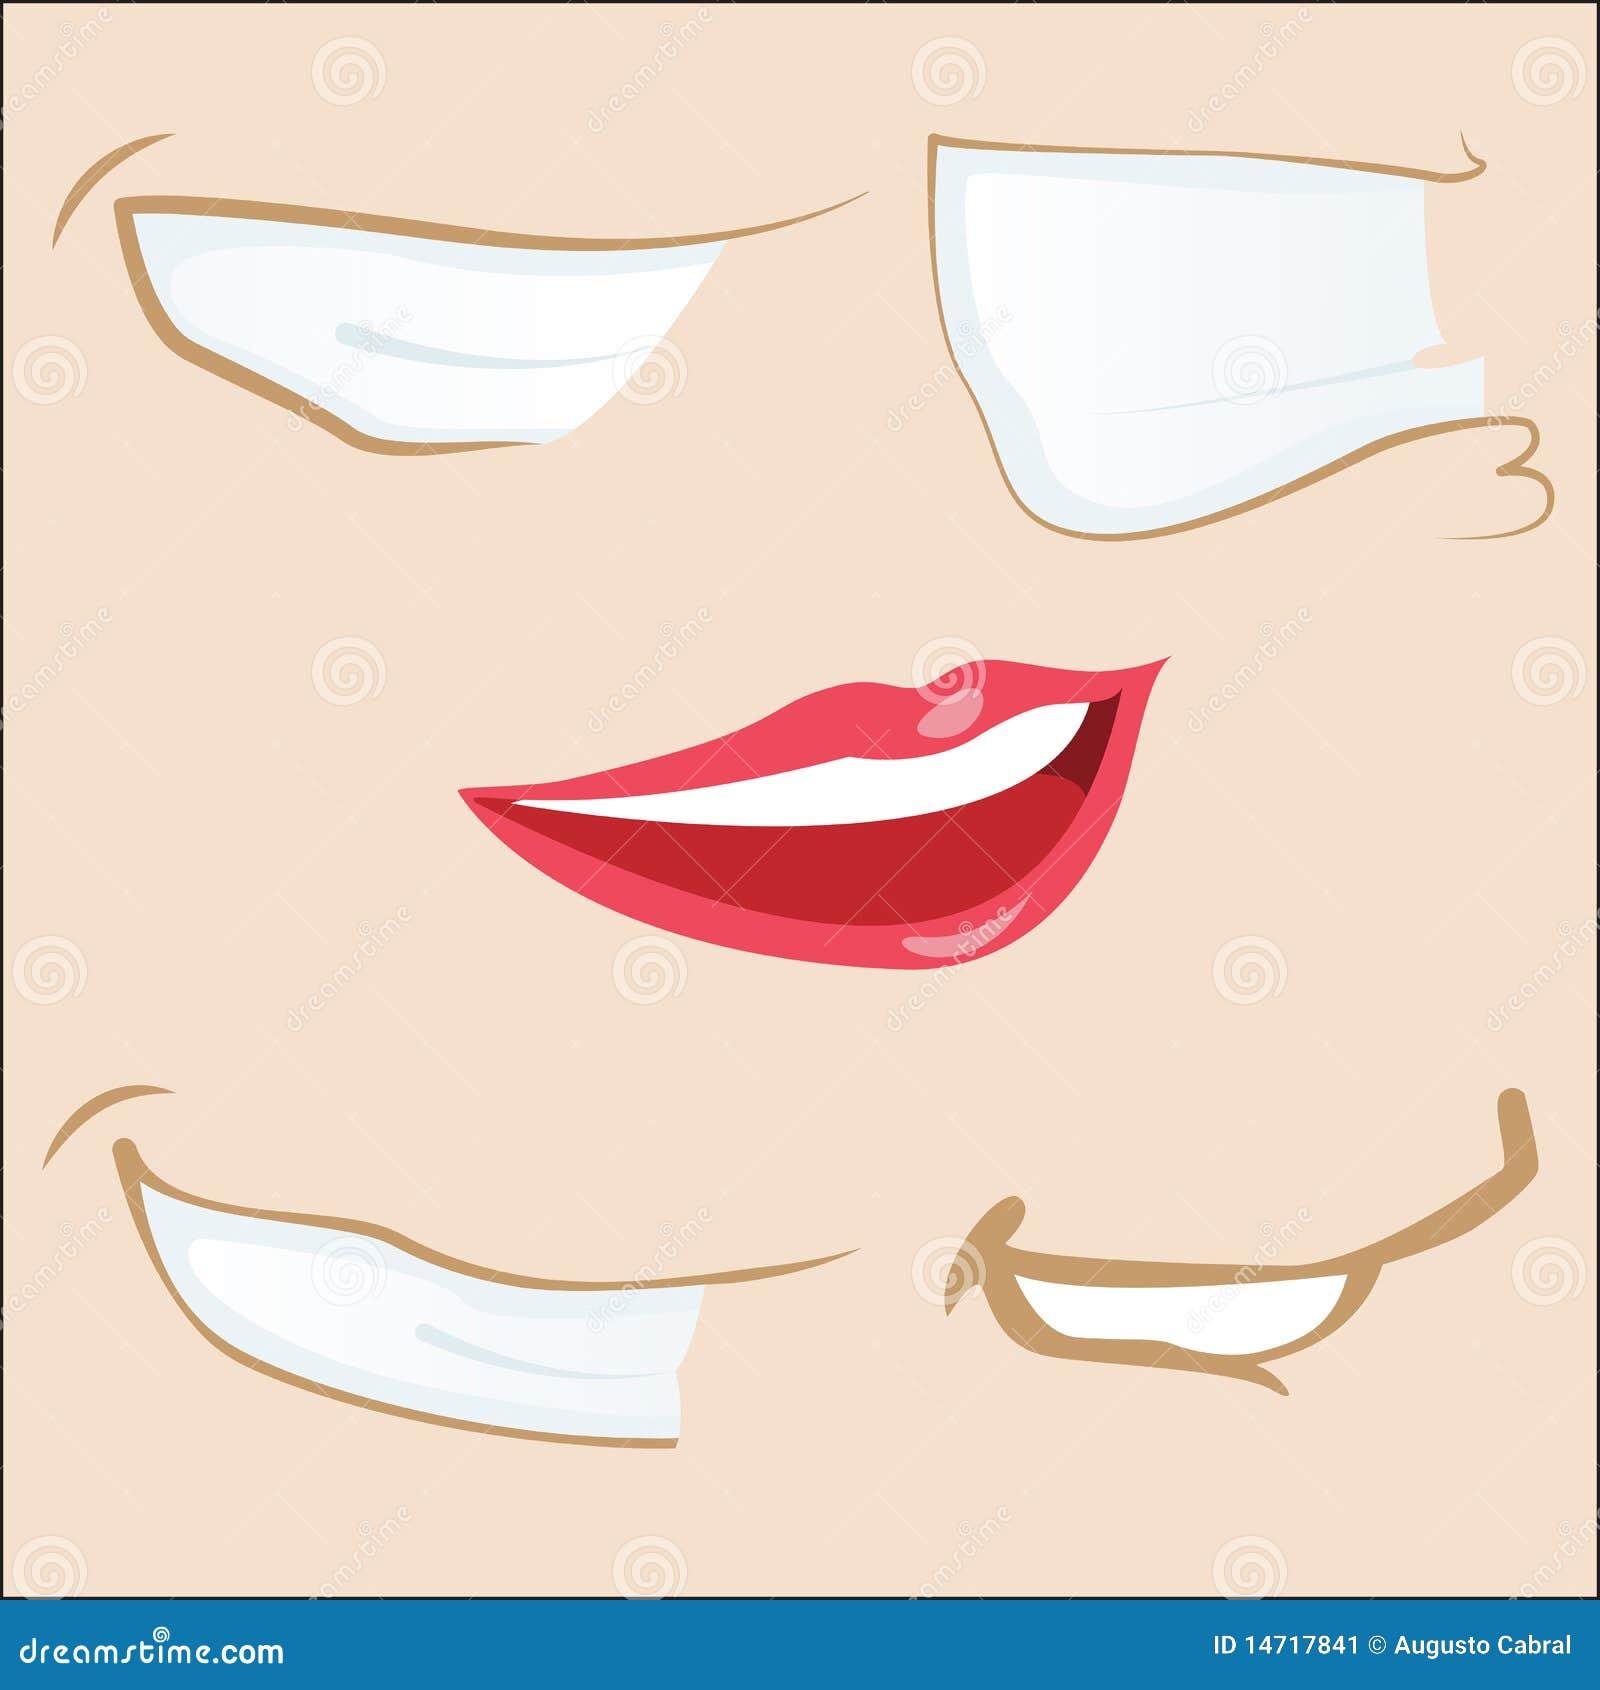 5 cartoon mouths.